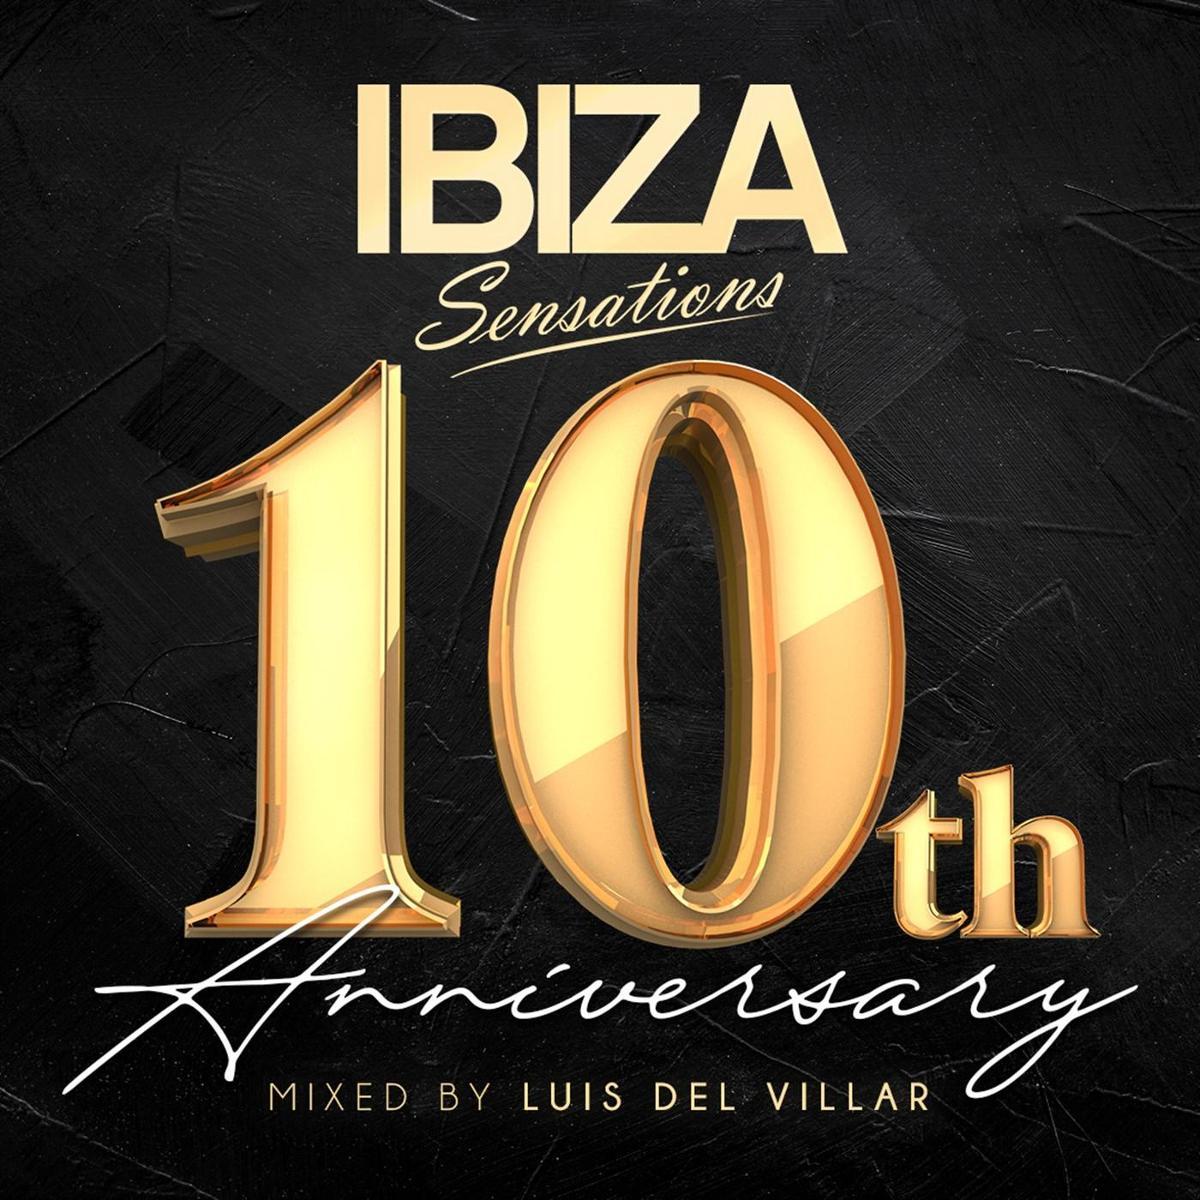 Ibiza Sensations 242 by Luis Del Villar